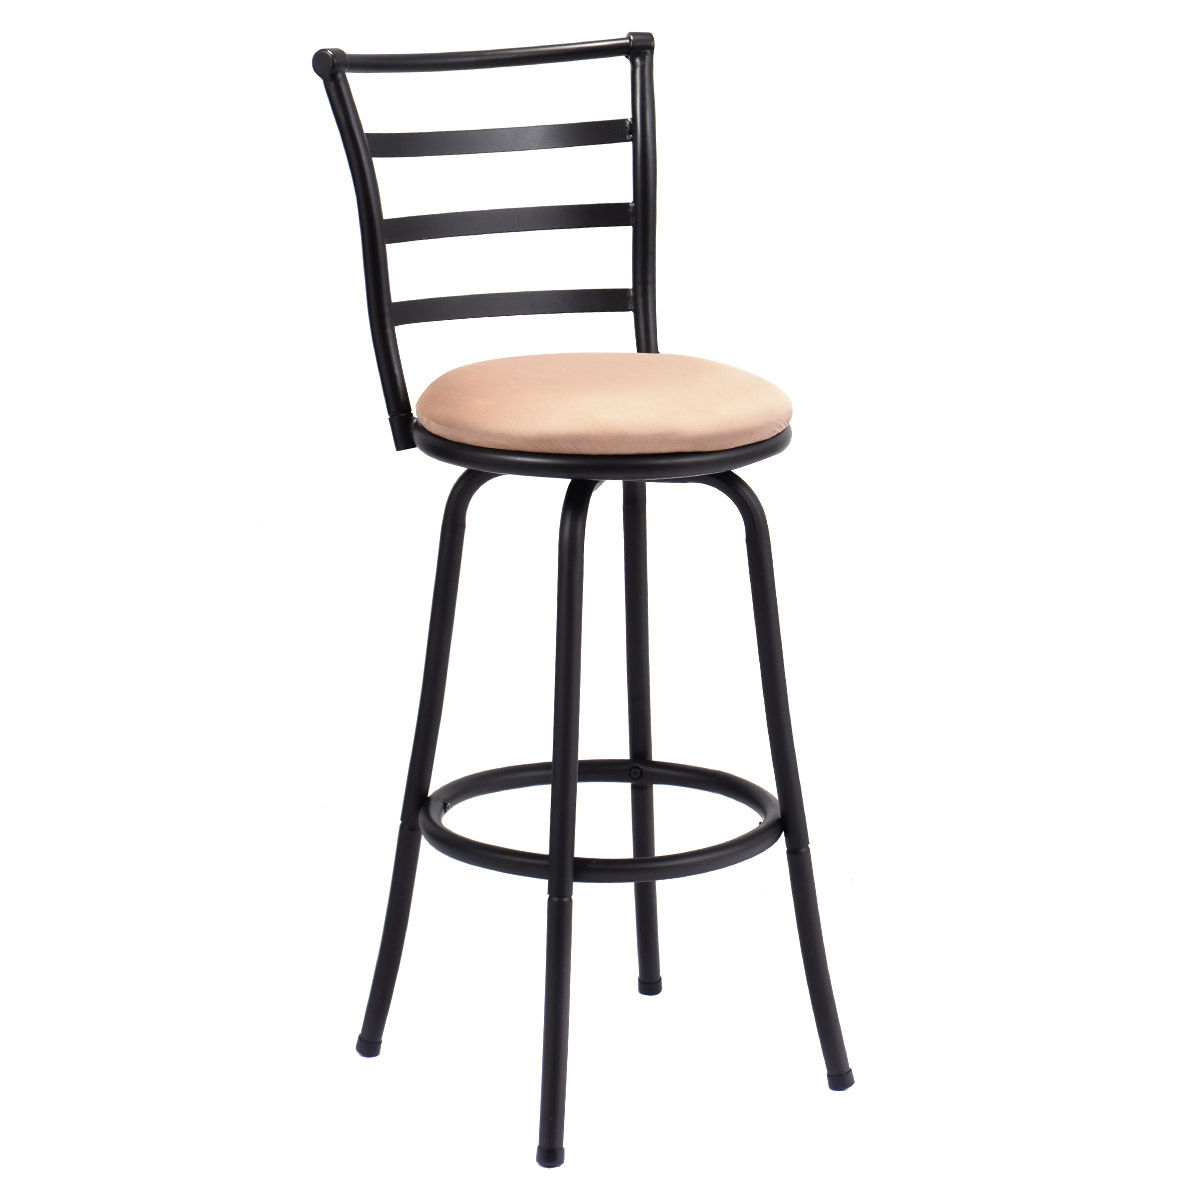 Modern Swivel Bar Stool Counter Height Chair